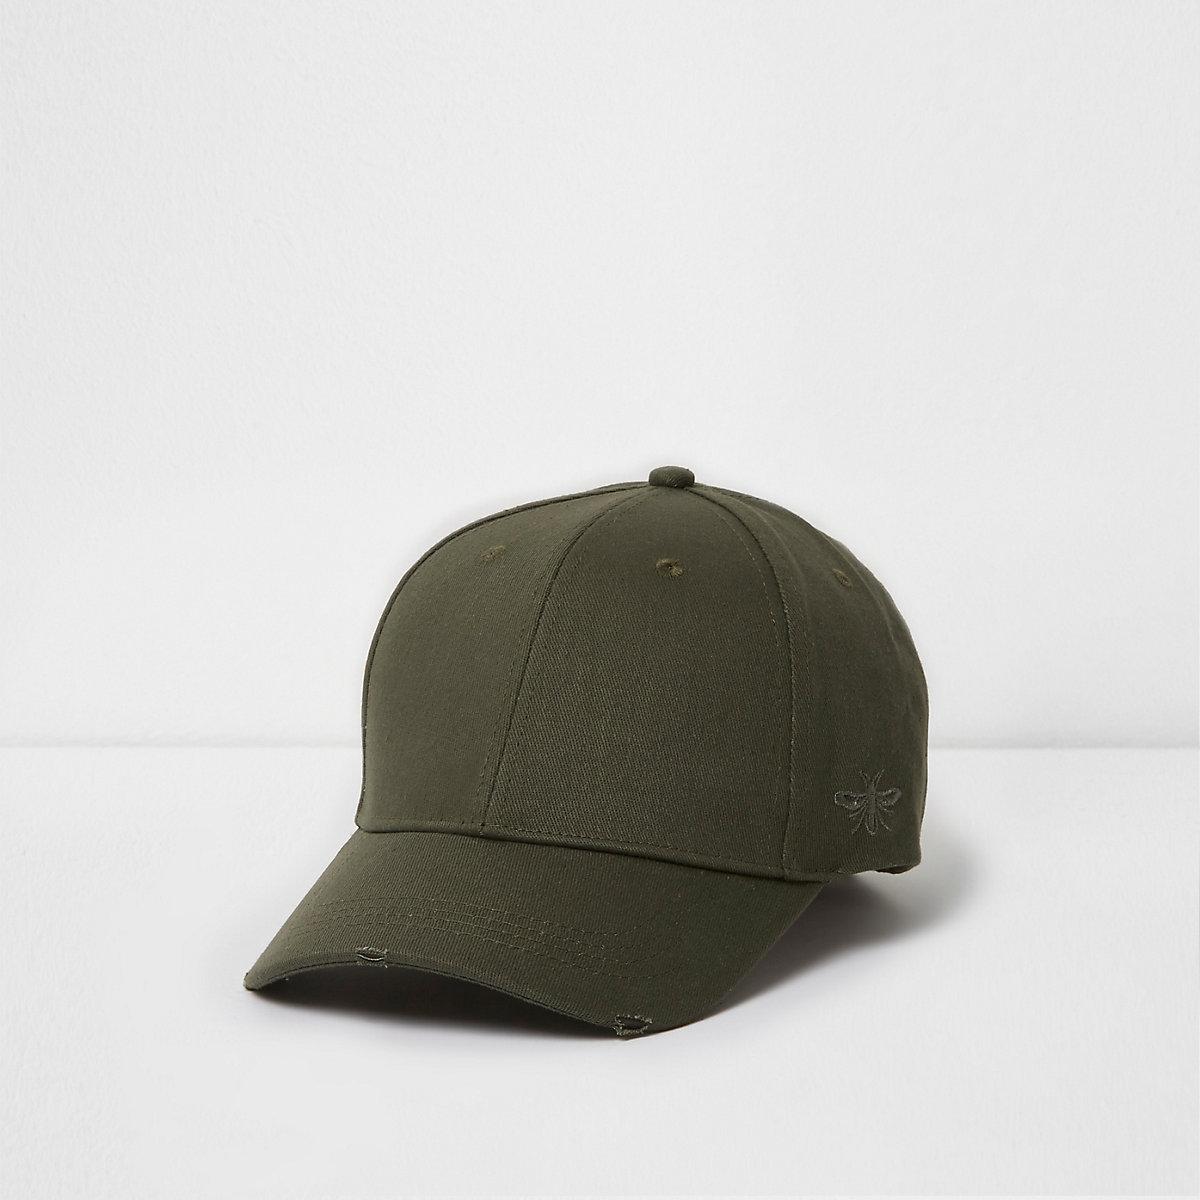 Green khaki wasp embroidered baseball cap - Hats   Caps - Accessories - men e440bca3ac0